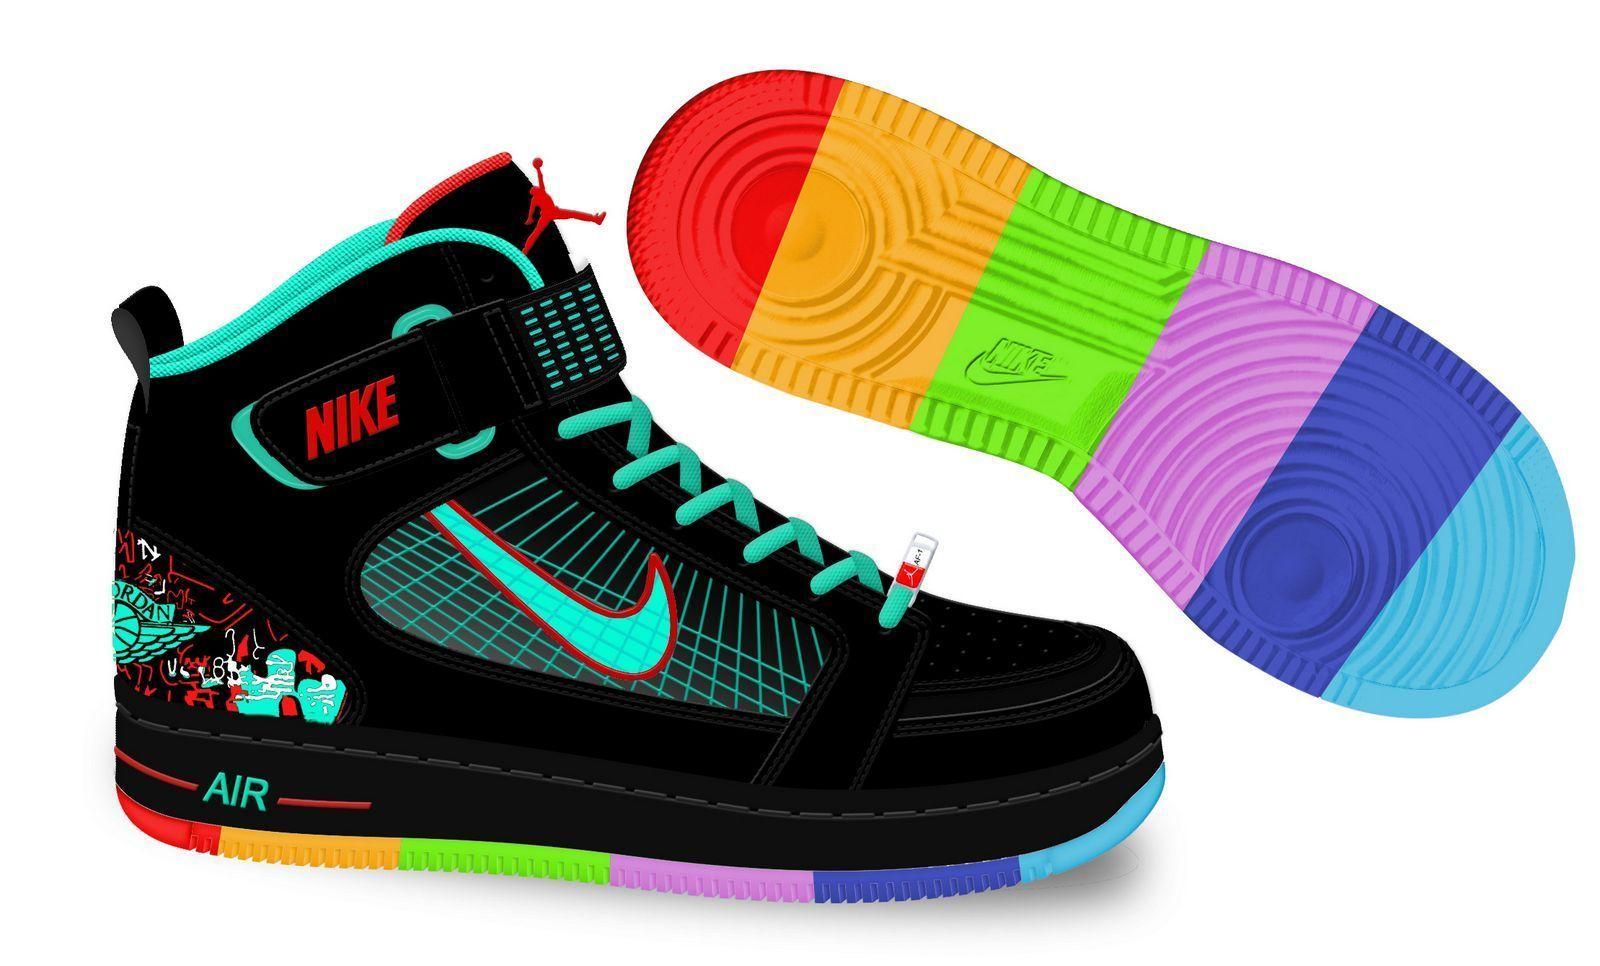 1600x966 nike air jordan rings balck green rainbow colors jordan sport